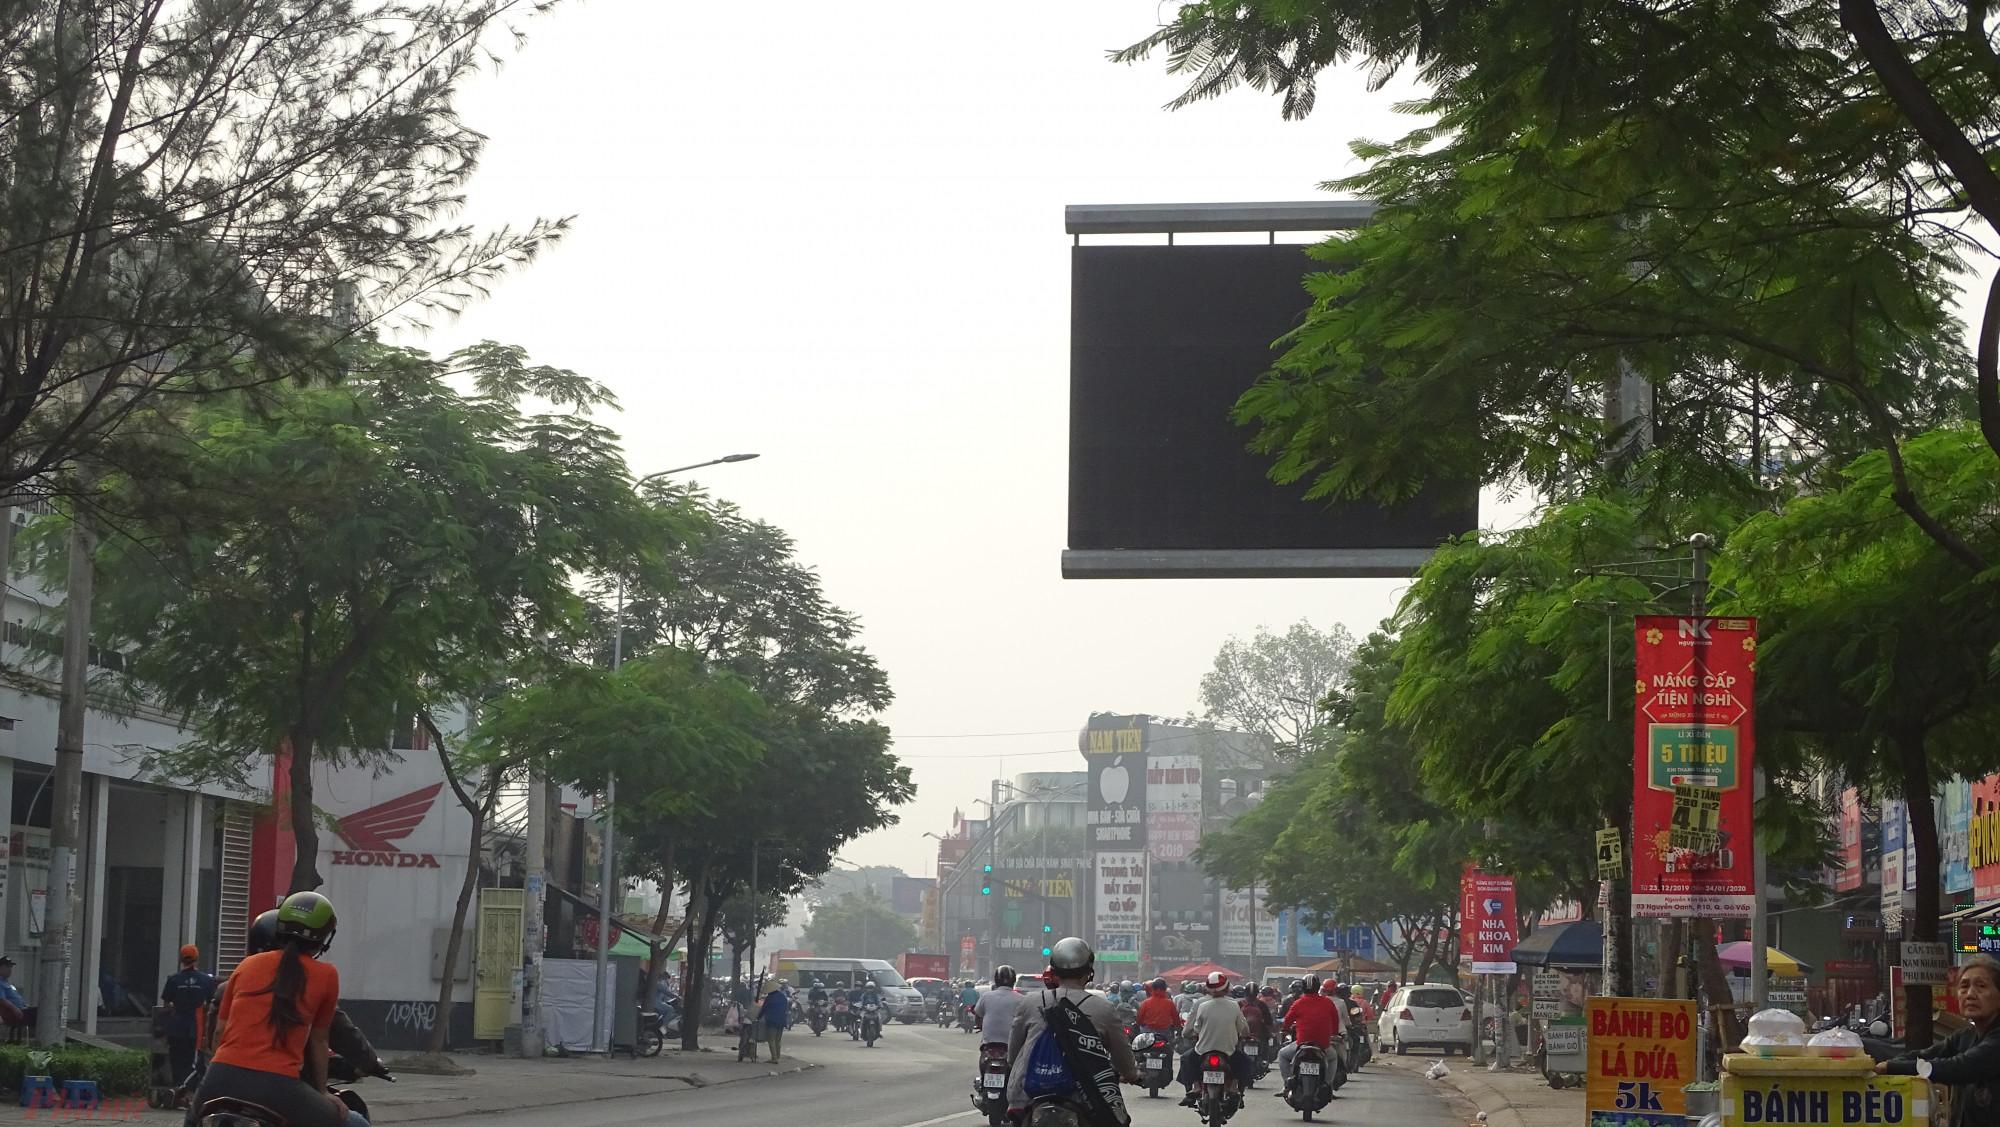 Bảng điện tử hiển thị thông tin về chất lượng môi trường trên đường Nguyễn Oanh ( quận Gò Vấp) tắt ngấm trong ngày 28/12/2019, đúng vào TP.HCM đang ngày xảy ra hiện tượng mù trời. Song, cho dù bảng điện tử này có hoạt động thì phải mất một tháng sau, kết quả quan trắc chất lượng không khí  đợt mù trời cuối tháng 12 mới được cập nhật.